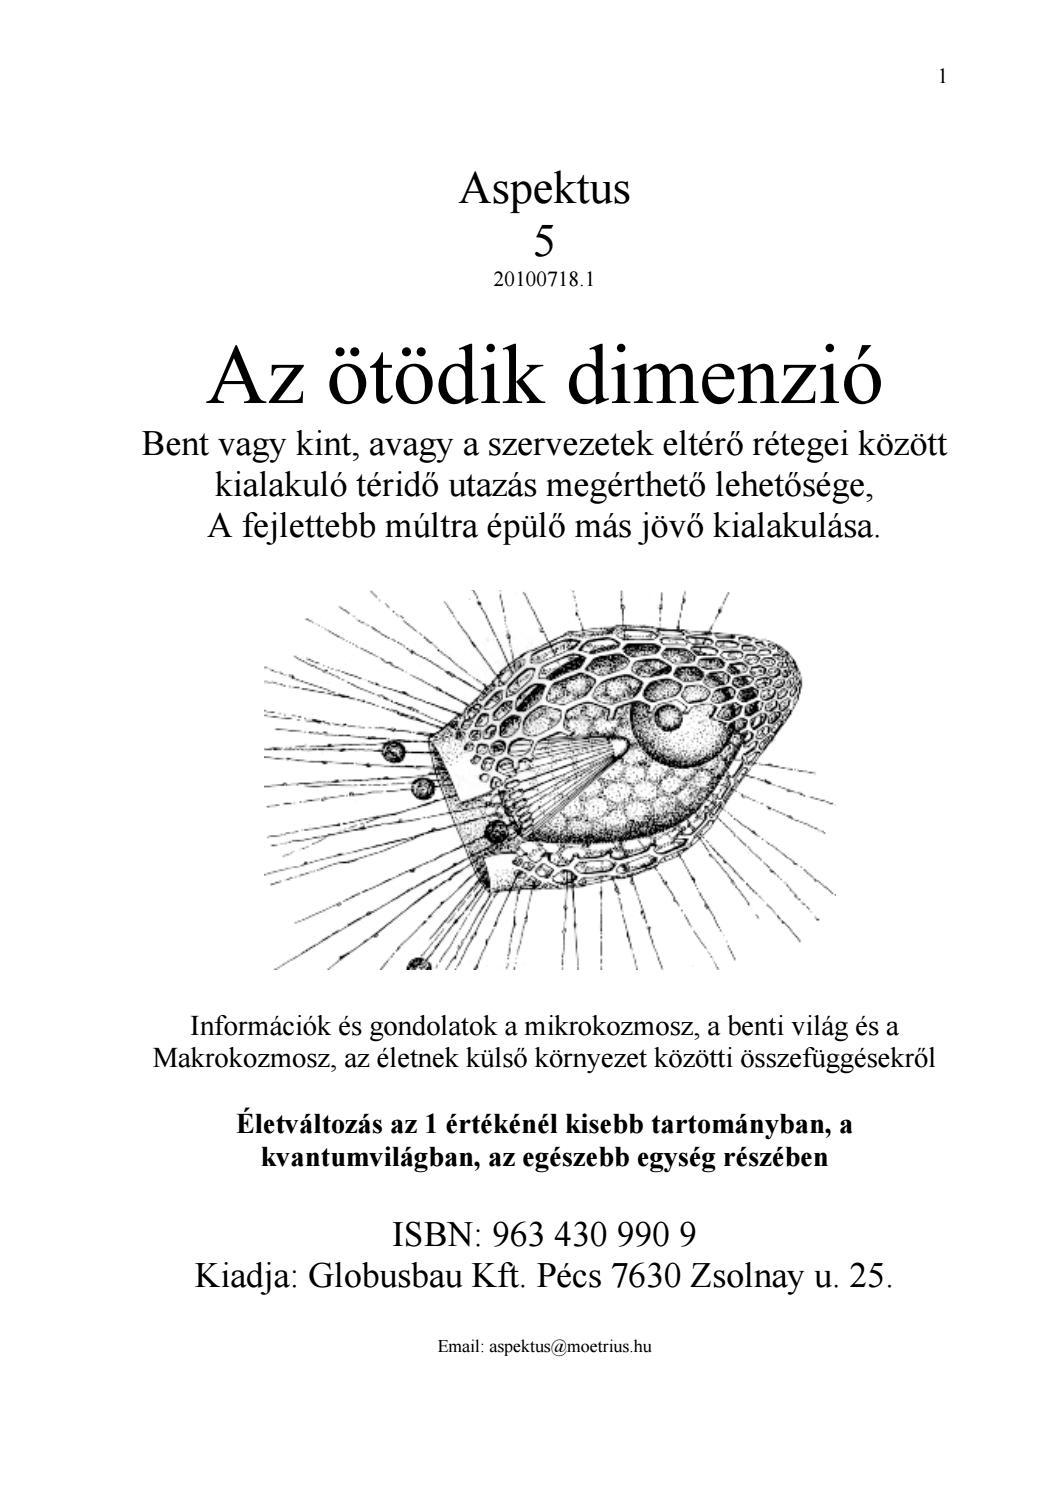 Kártevőirtó - bacsbokodi-peca.hu user profil - Aktivitás